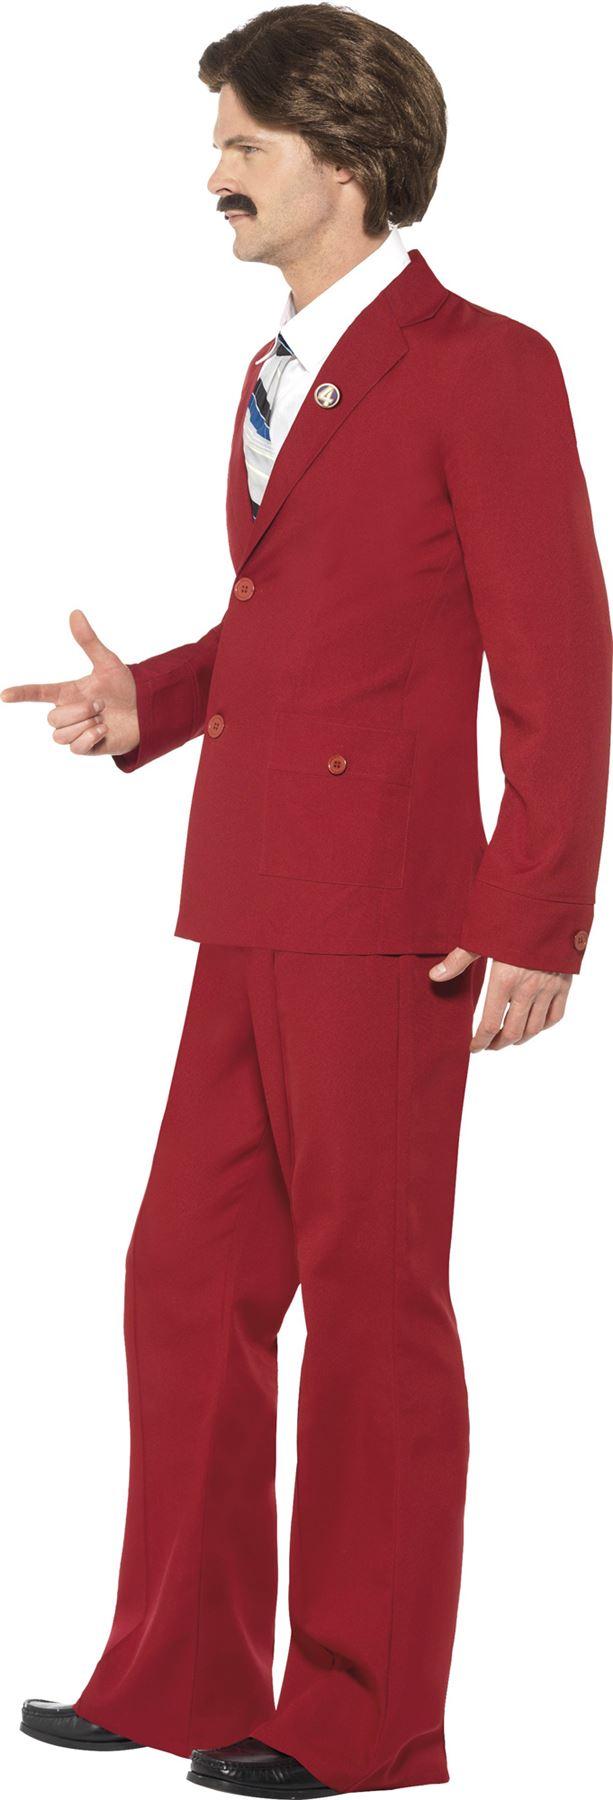 hommes-OFFICIEL-Ron-BORDEAUX-Anchorman-Lecteur-de-News-costume-deguisement